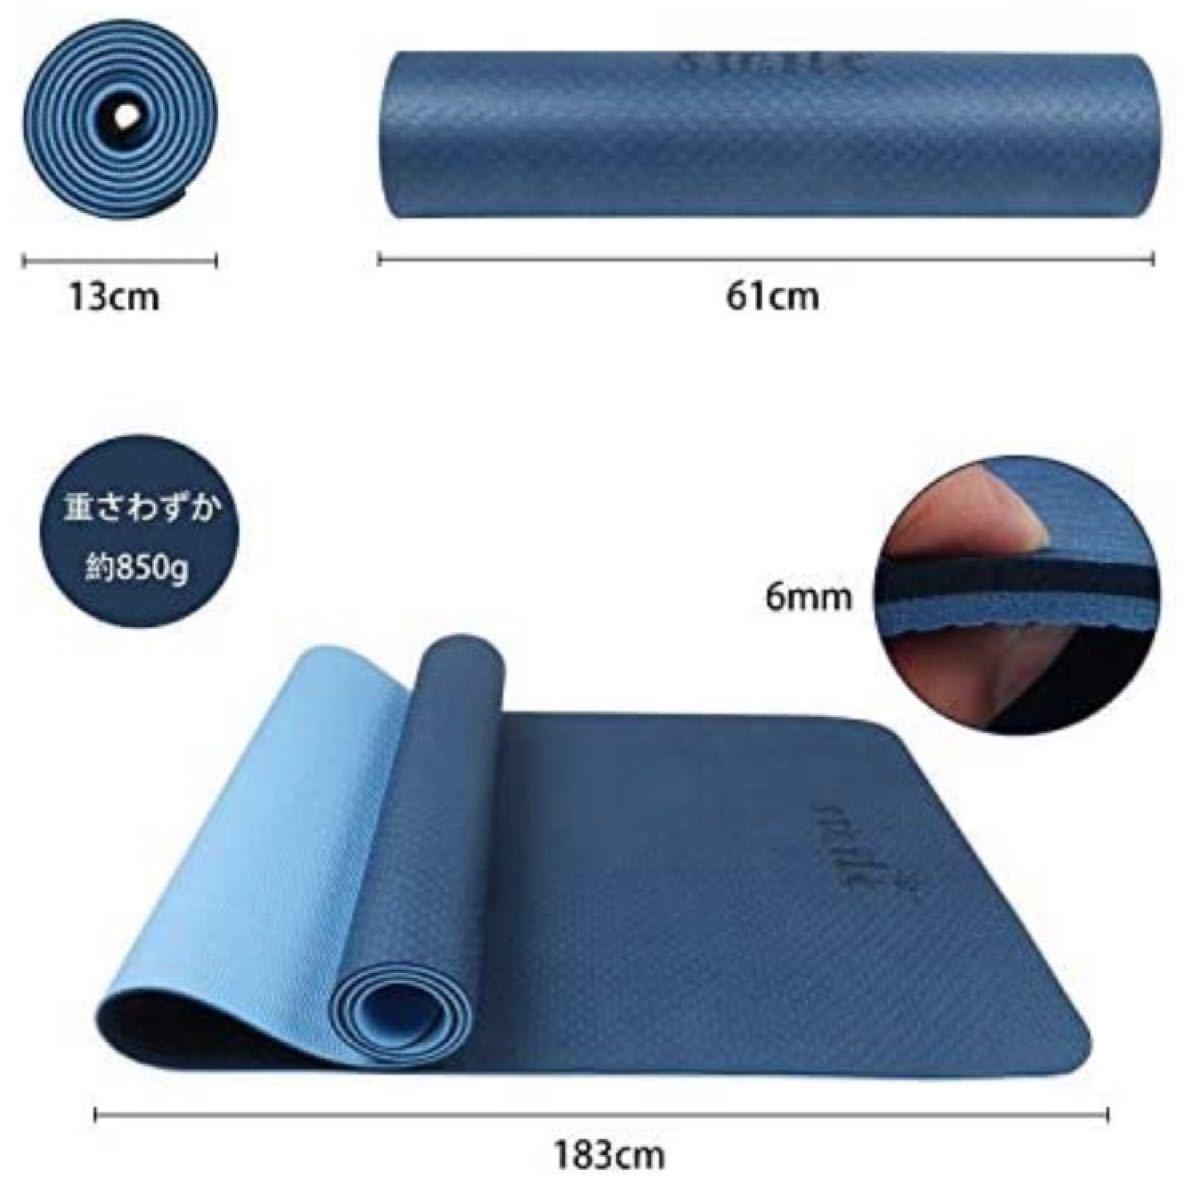 ヨガマット エクササイズマット ストレッチマット TPE 6mm SGS認証済み 両面滑り止め 持ち運び 収納ケース付き